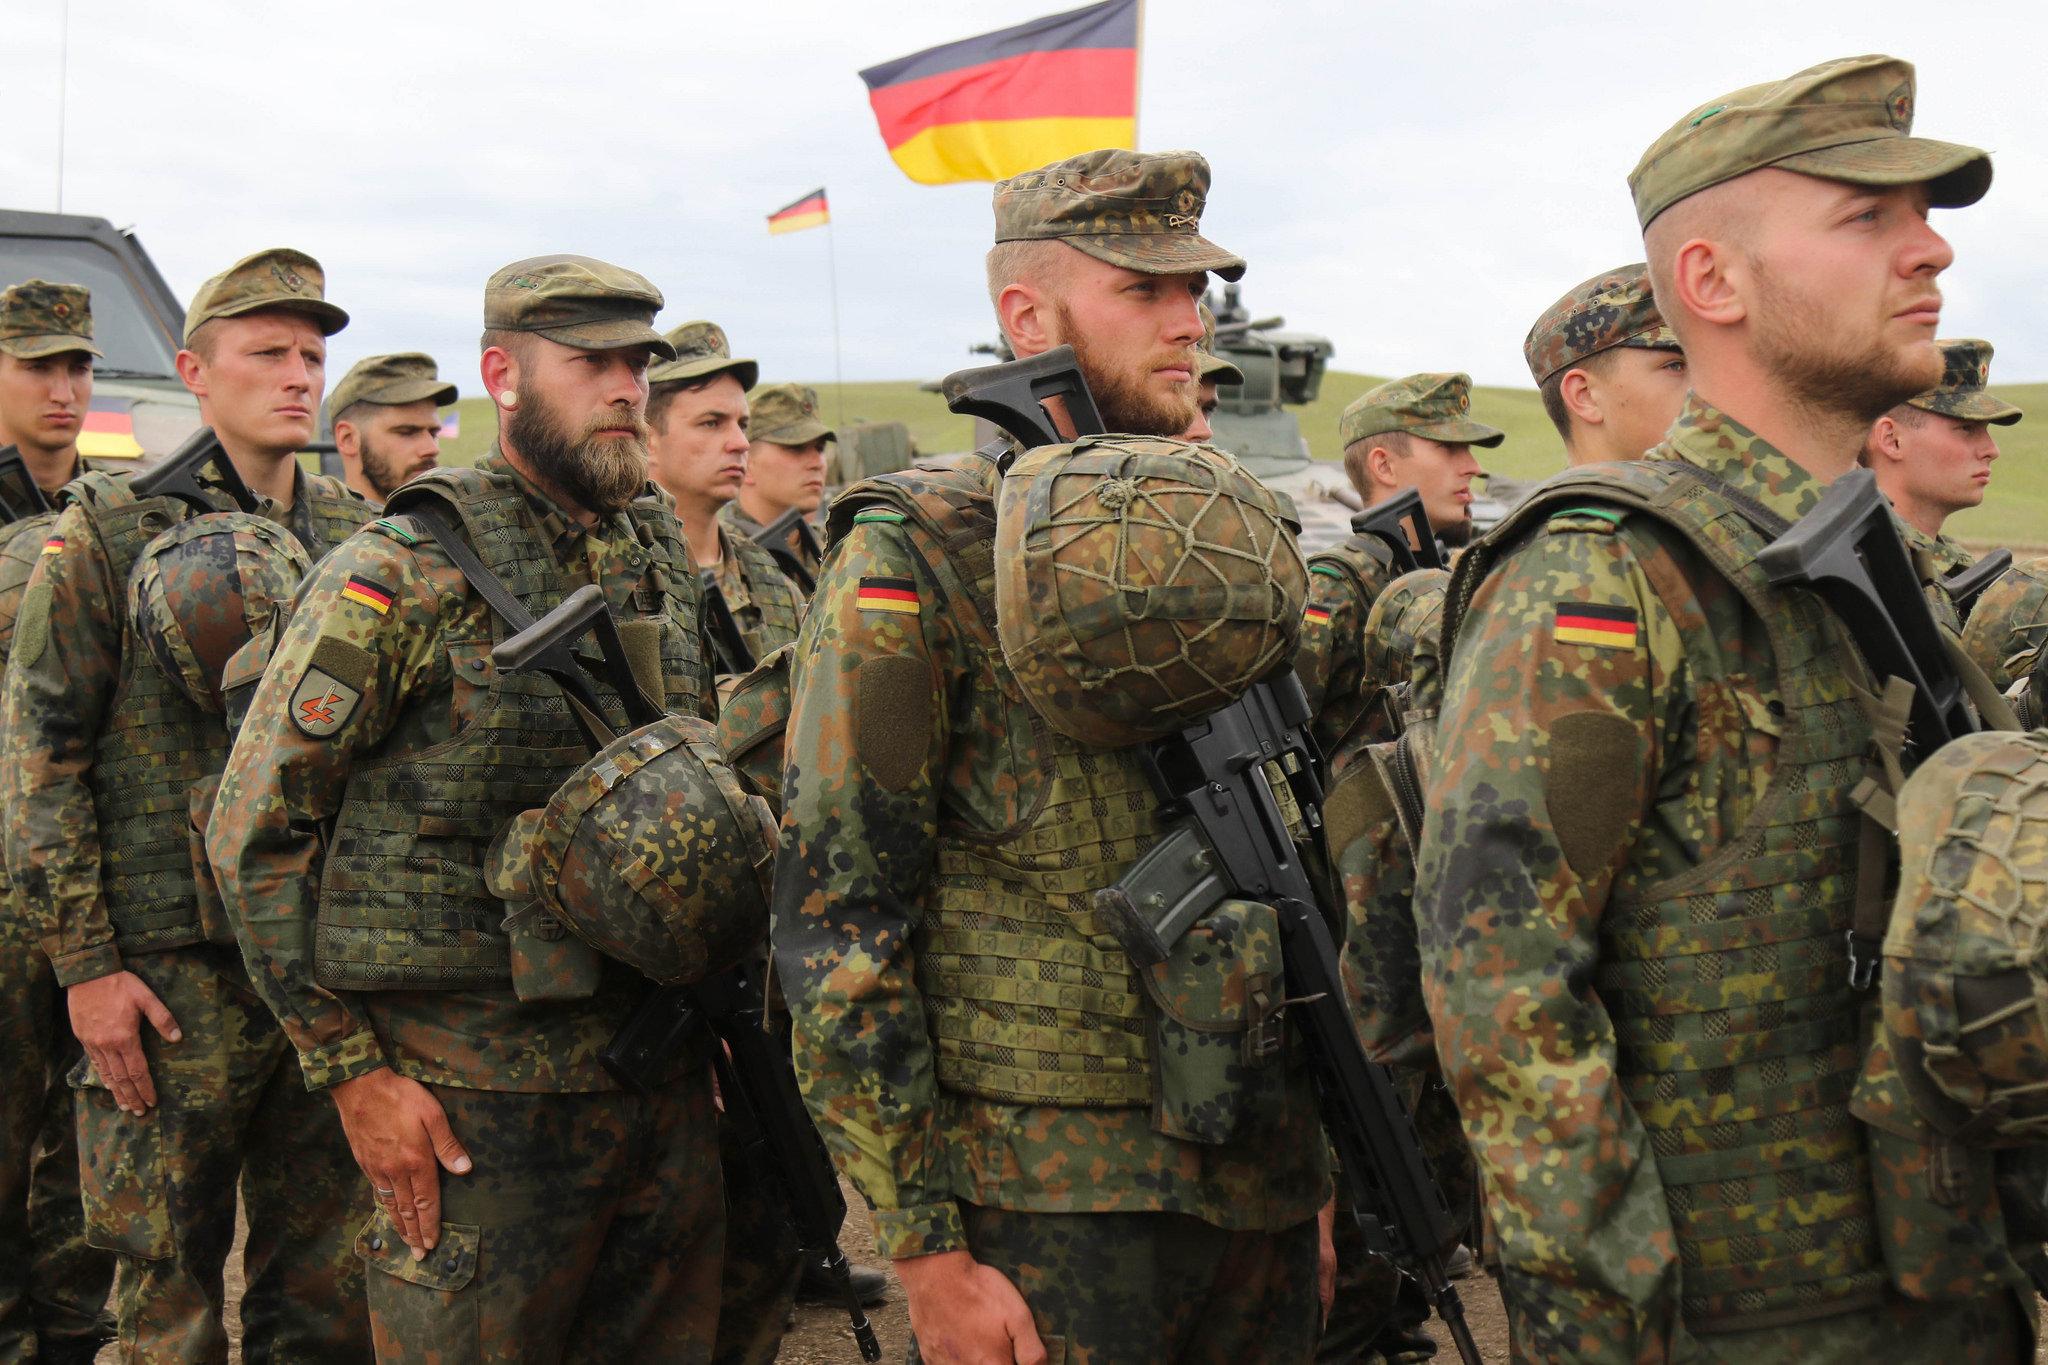 Alemania no participará en coalición de EE. UU. para golfo Pérsico